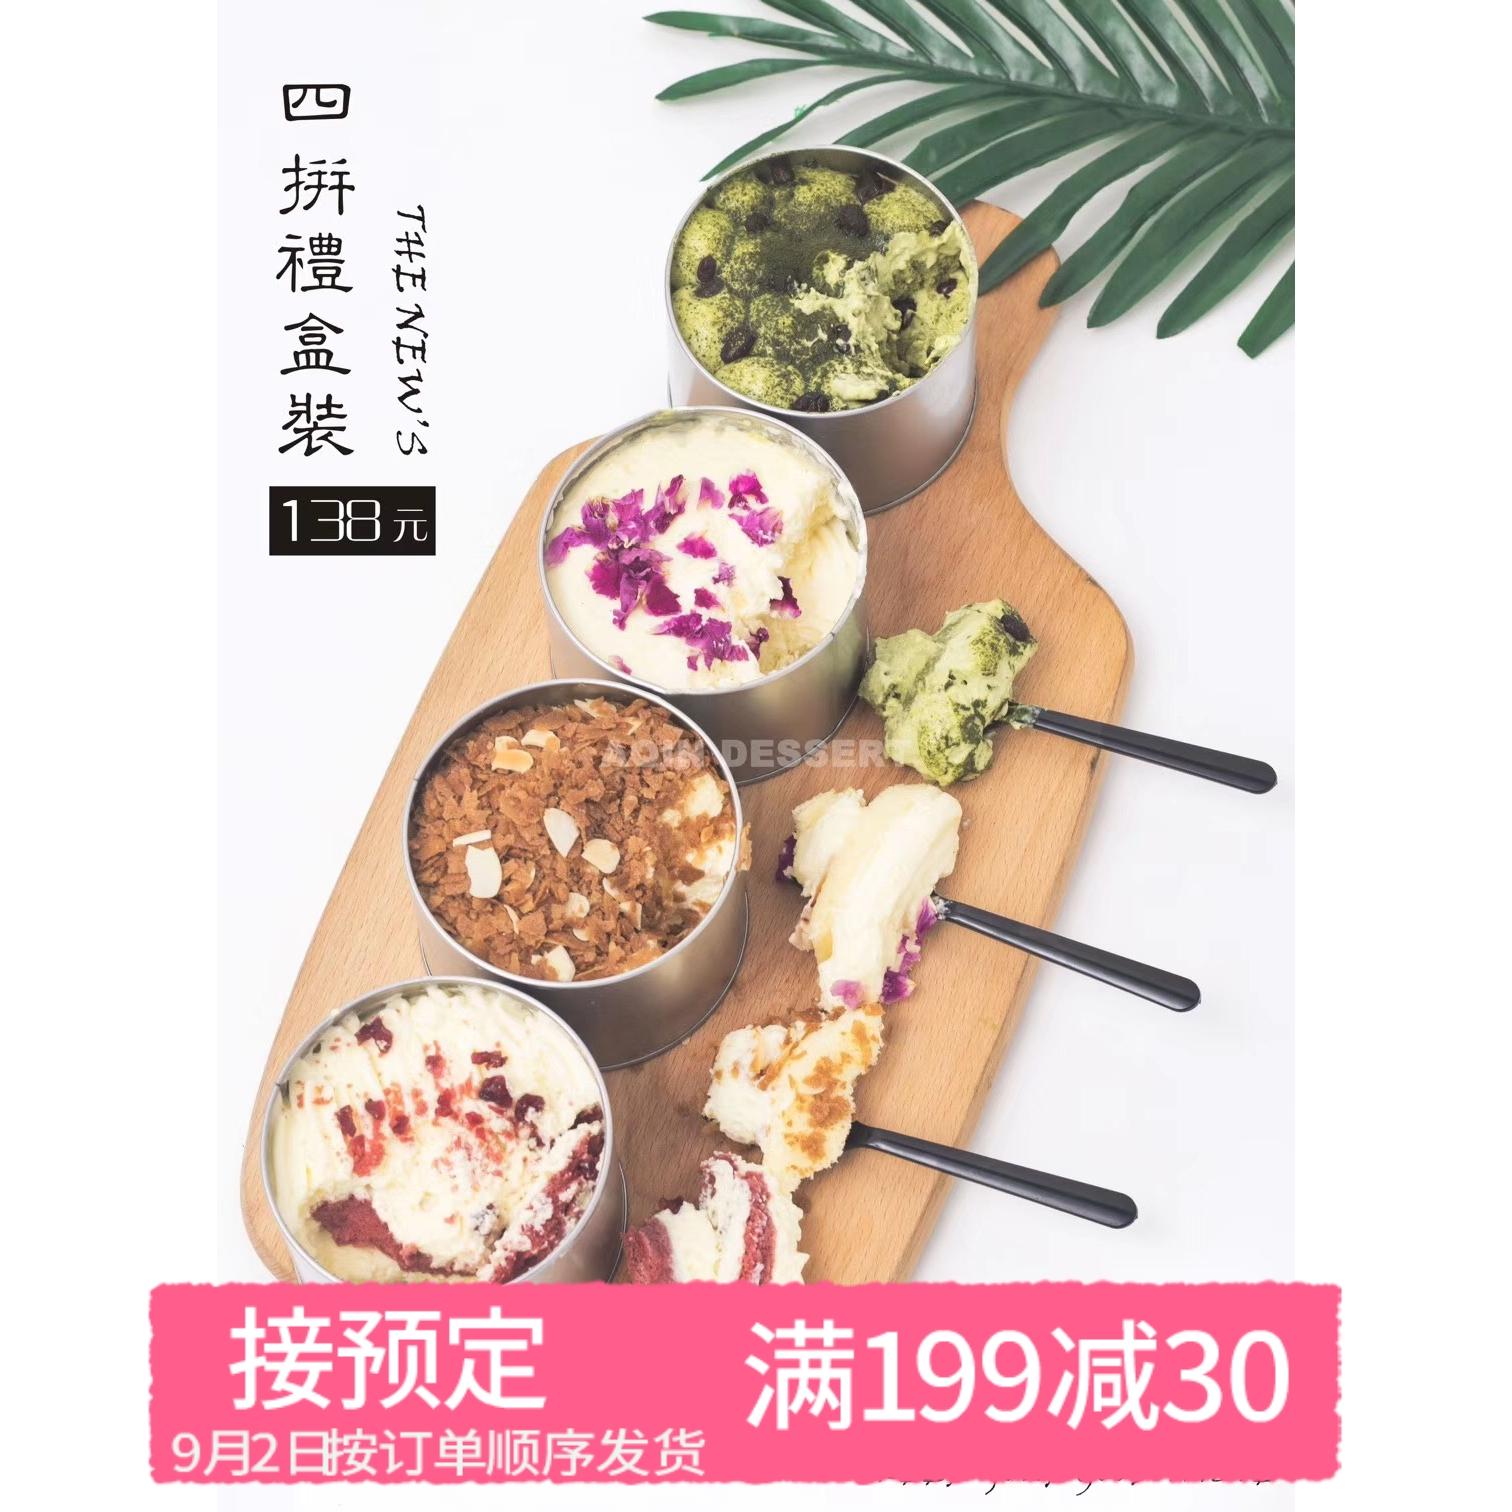 网红零食阿钦甜品经典四拼铁盒蛋糕下午茶玫瑰红丝绒抹茶顺丰包邮